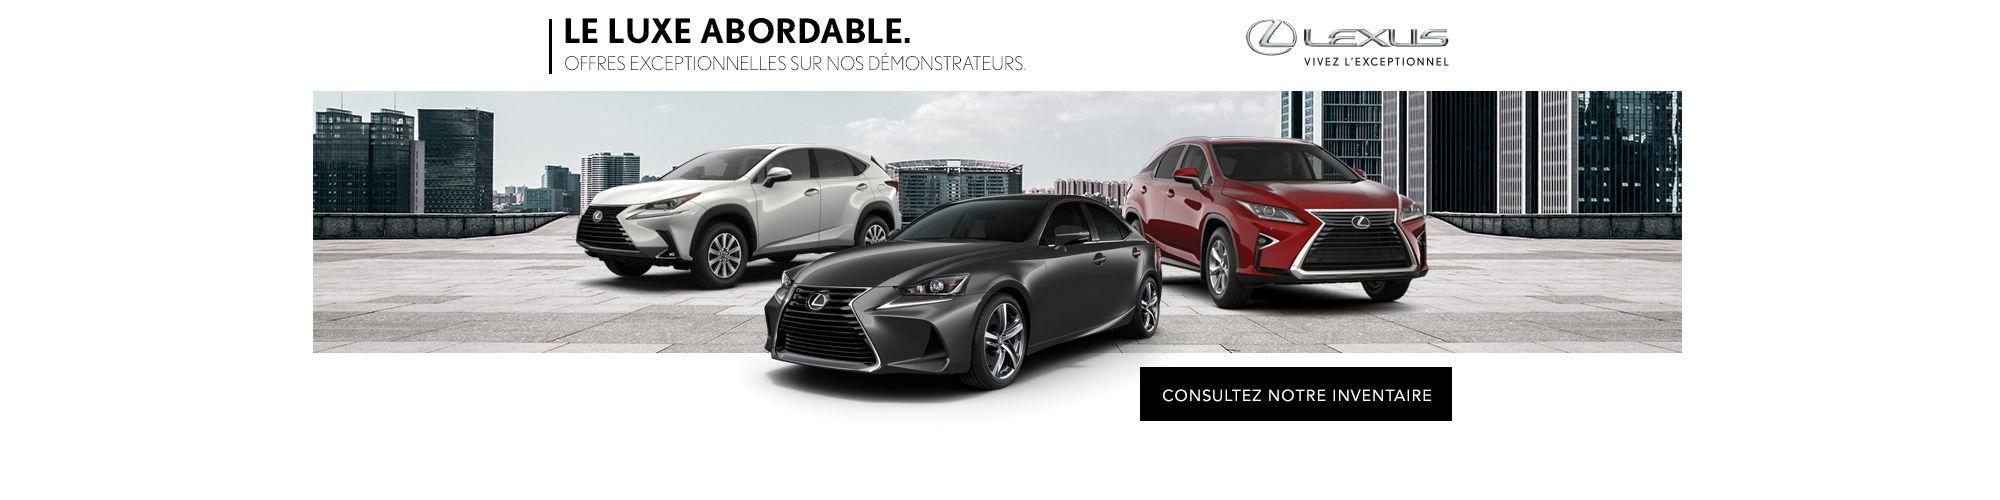 Vente Démonstrateurs Lexus